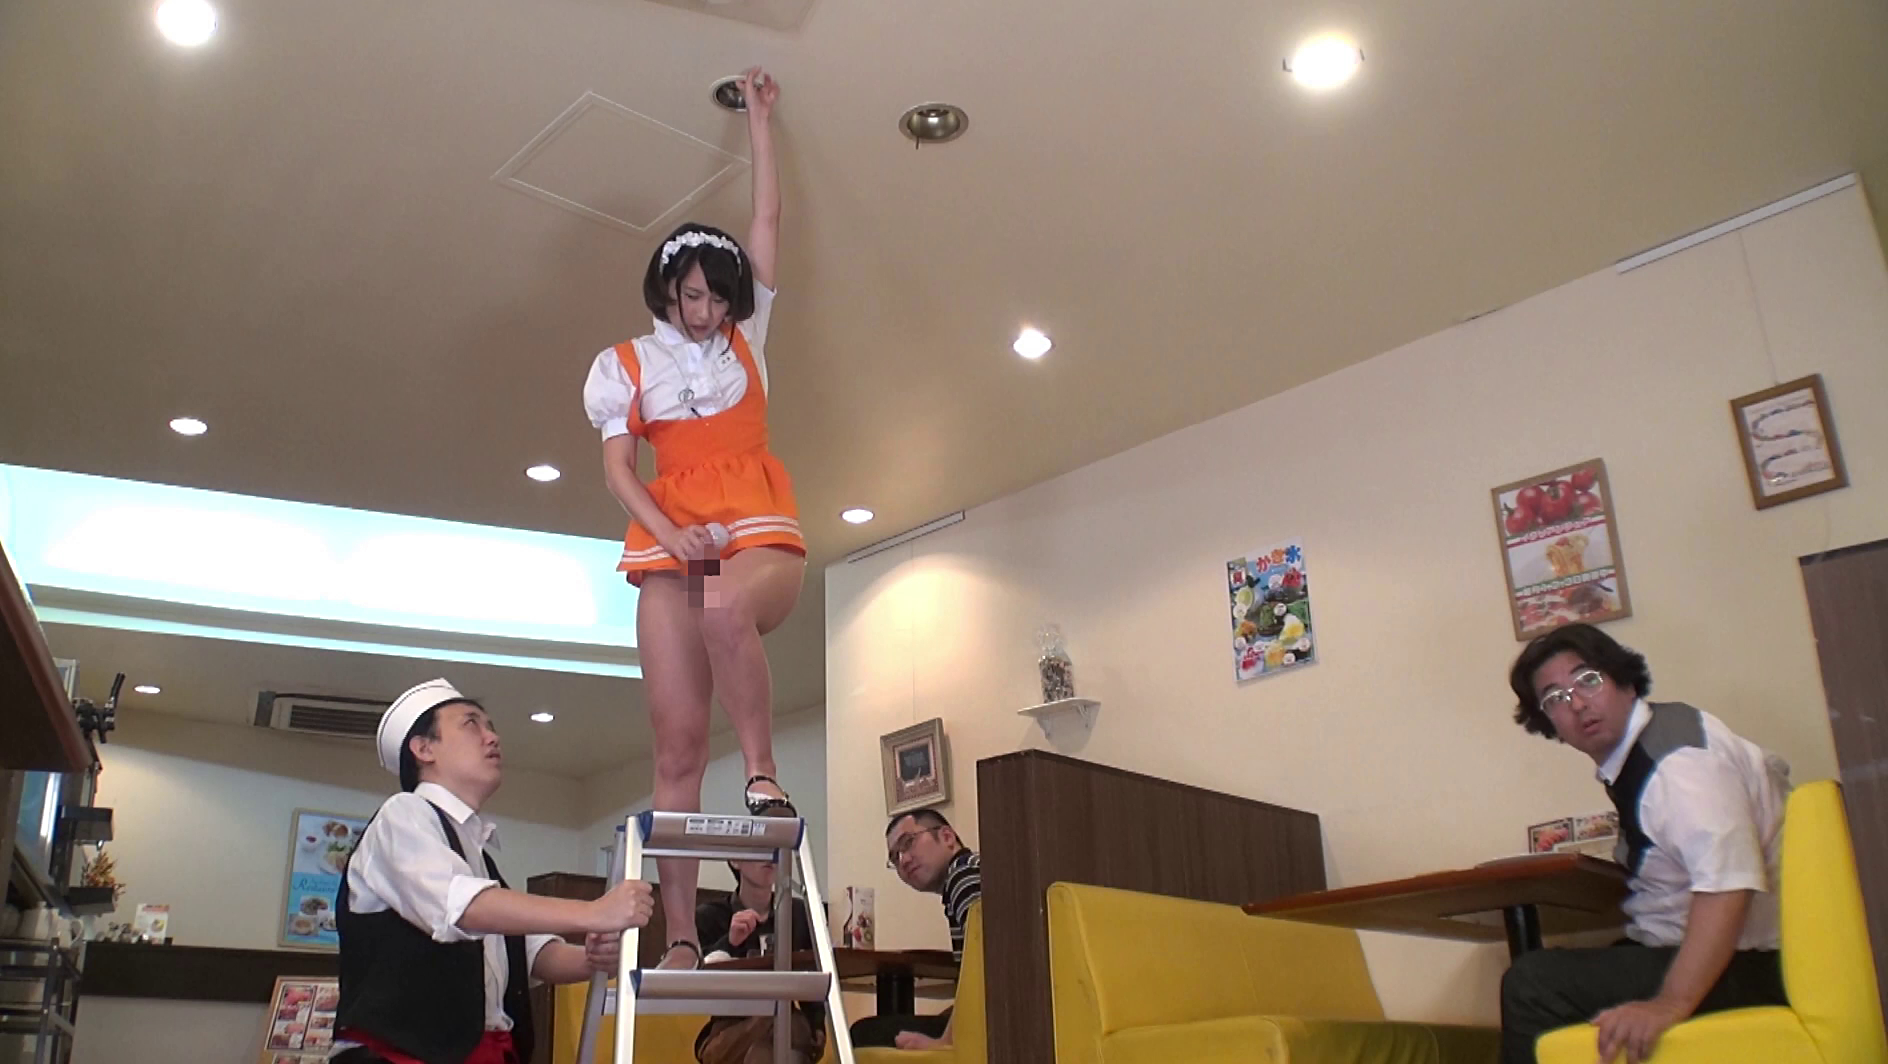 キモオタ客に体で弁償するファミレス店員制服画像8枚目